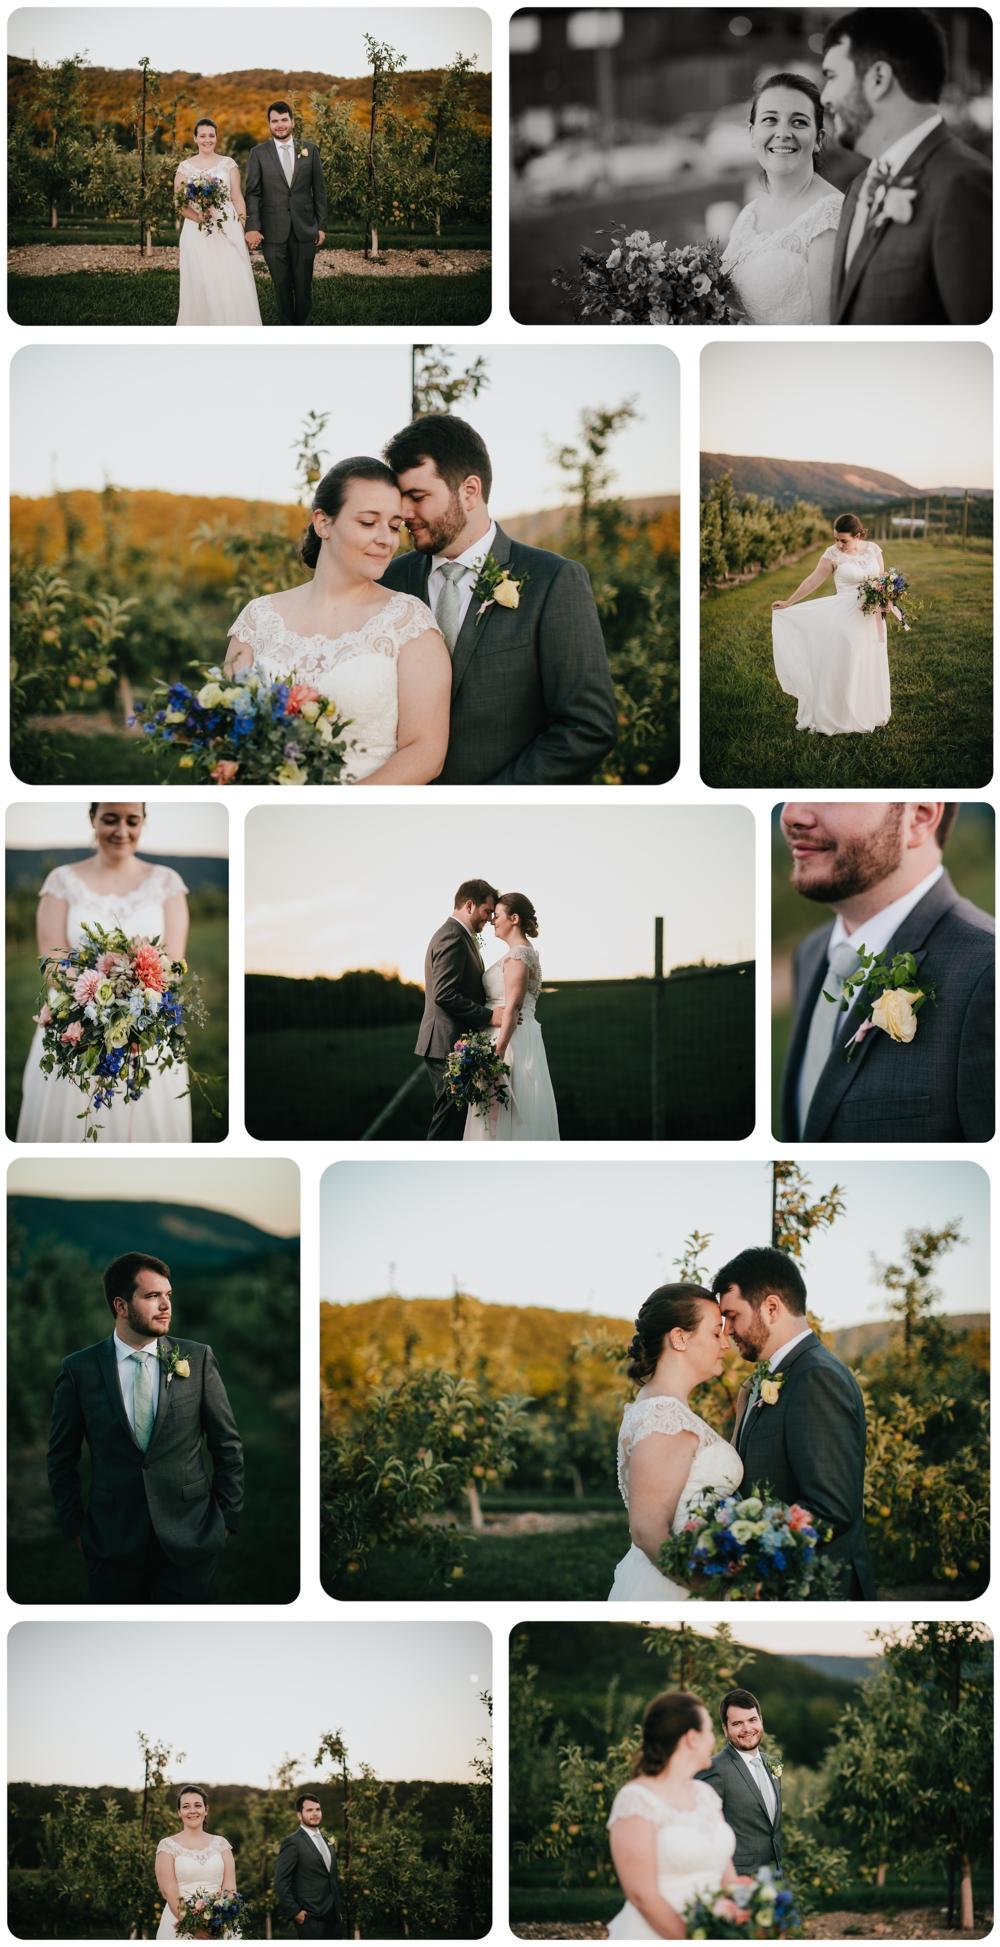 Kelly-Zach-Collage-12.jpg